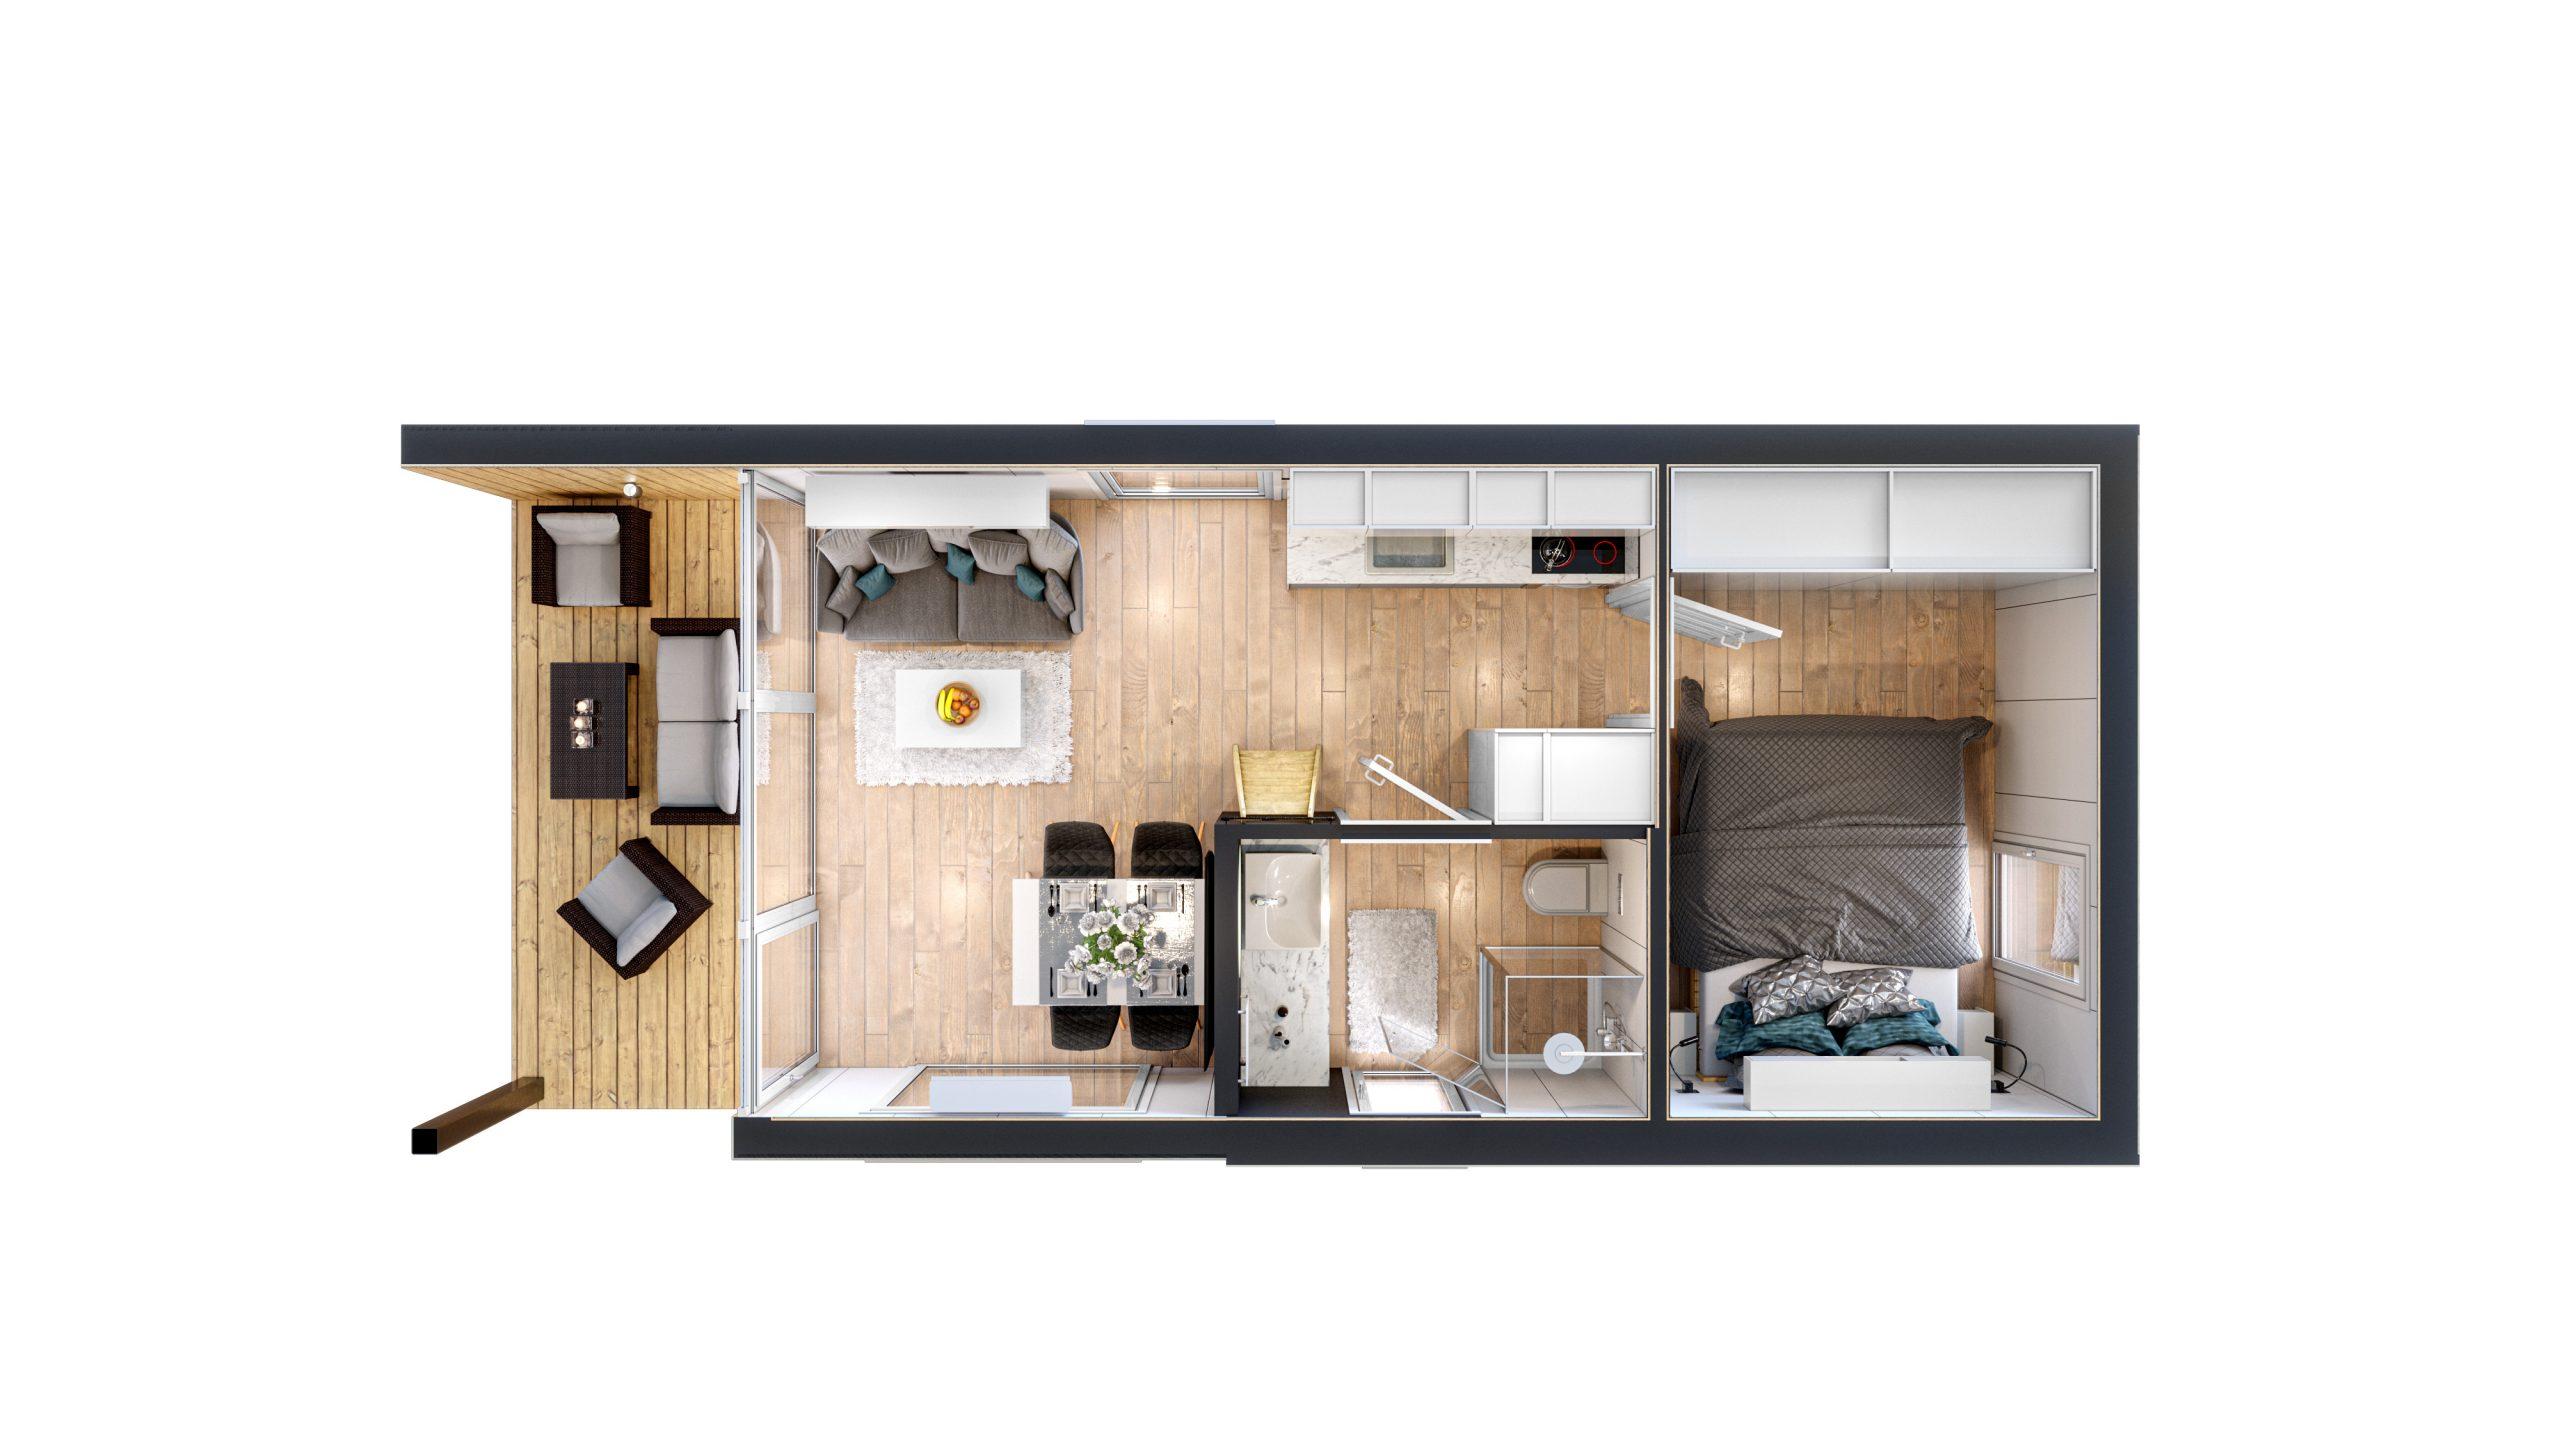 jb02 v4 hq pp scaled - Home